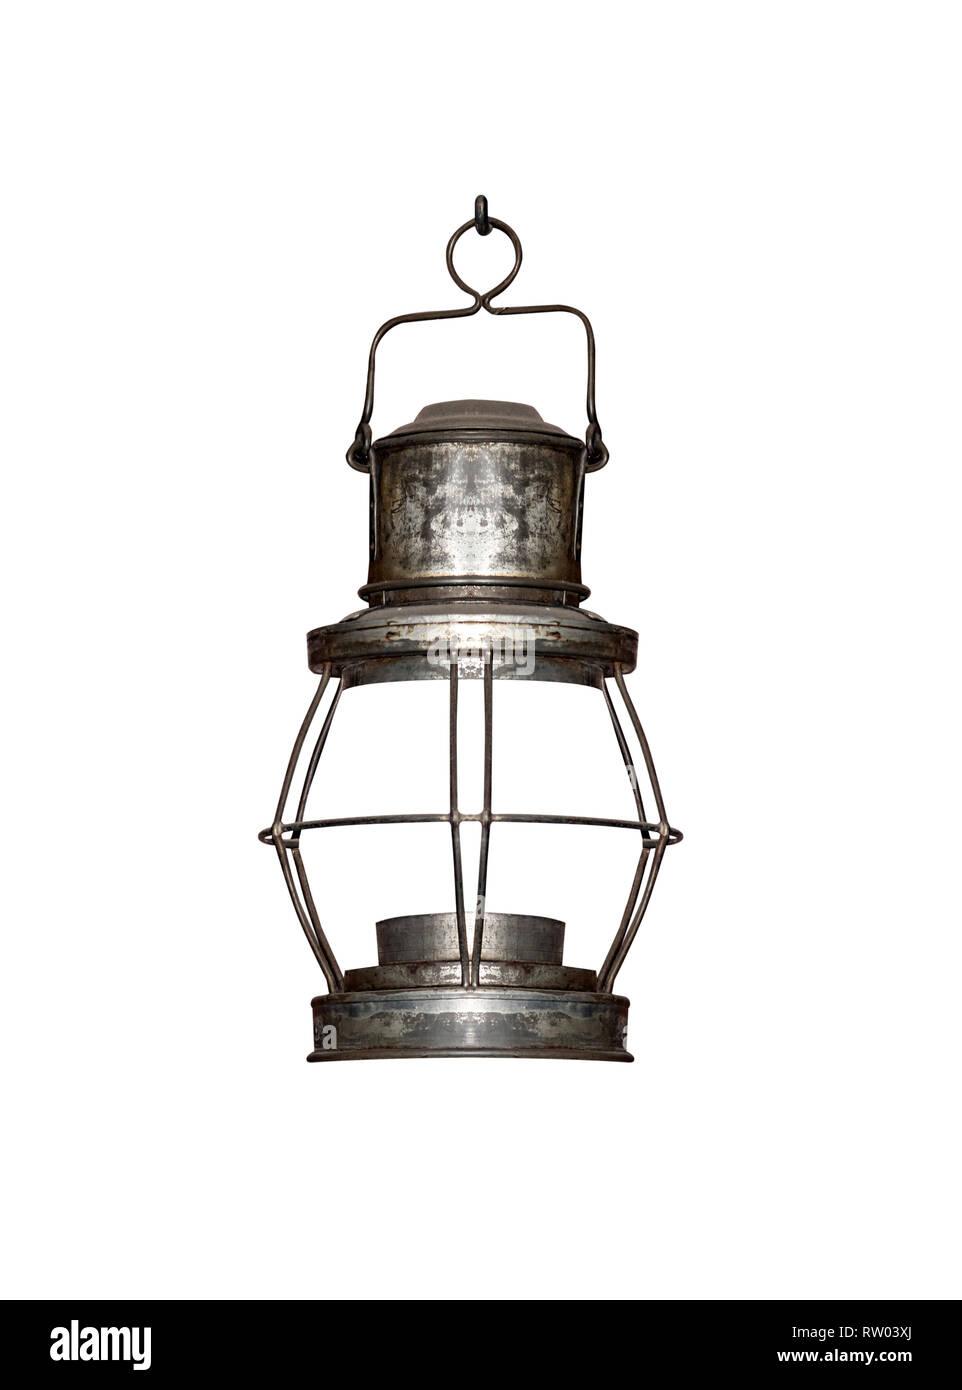 Old kerosene lamp isolated on white background - Stock Image